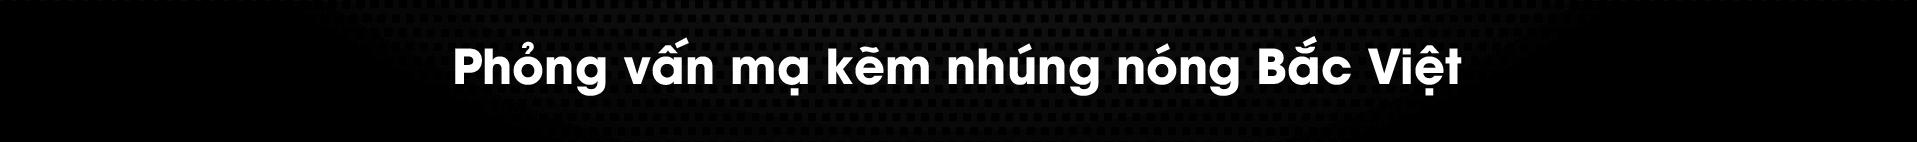 Quy trình mạ kẽm nhúng nóng Bắc Việt, Mạ kẽm nhúng nóng ở đâu, mạ kẽm nhúng nóng Bắc Việt, mạ kẽm Thái Bình, mạ kẽm Hưng Yên, mạ kẽm Hải Dương, mạ kẽm Hải Phòng, mạ kẽm Nam Định